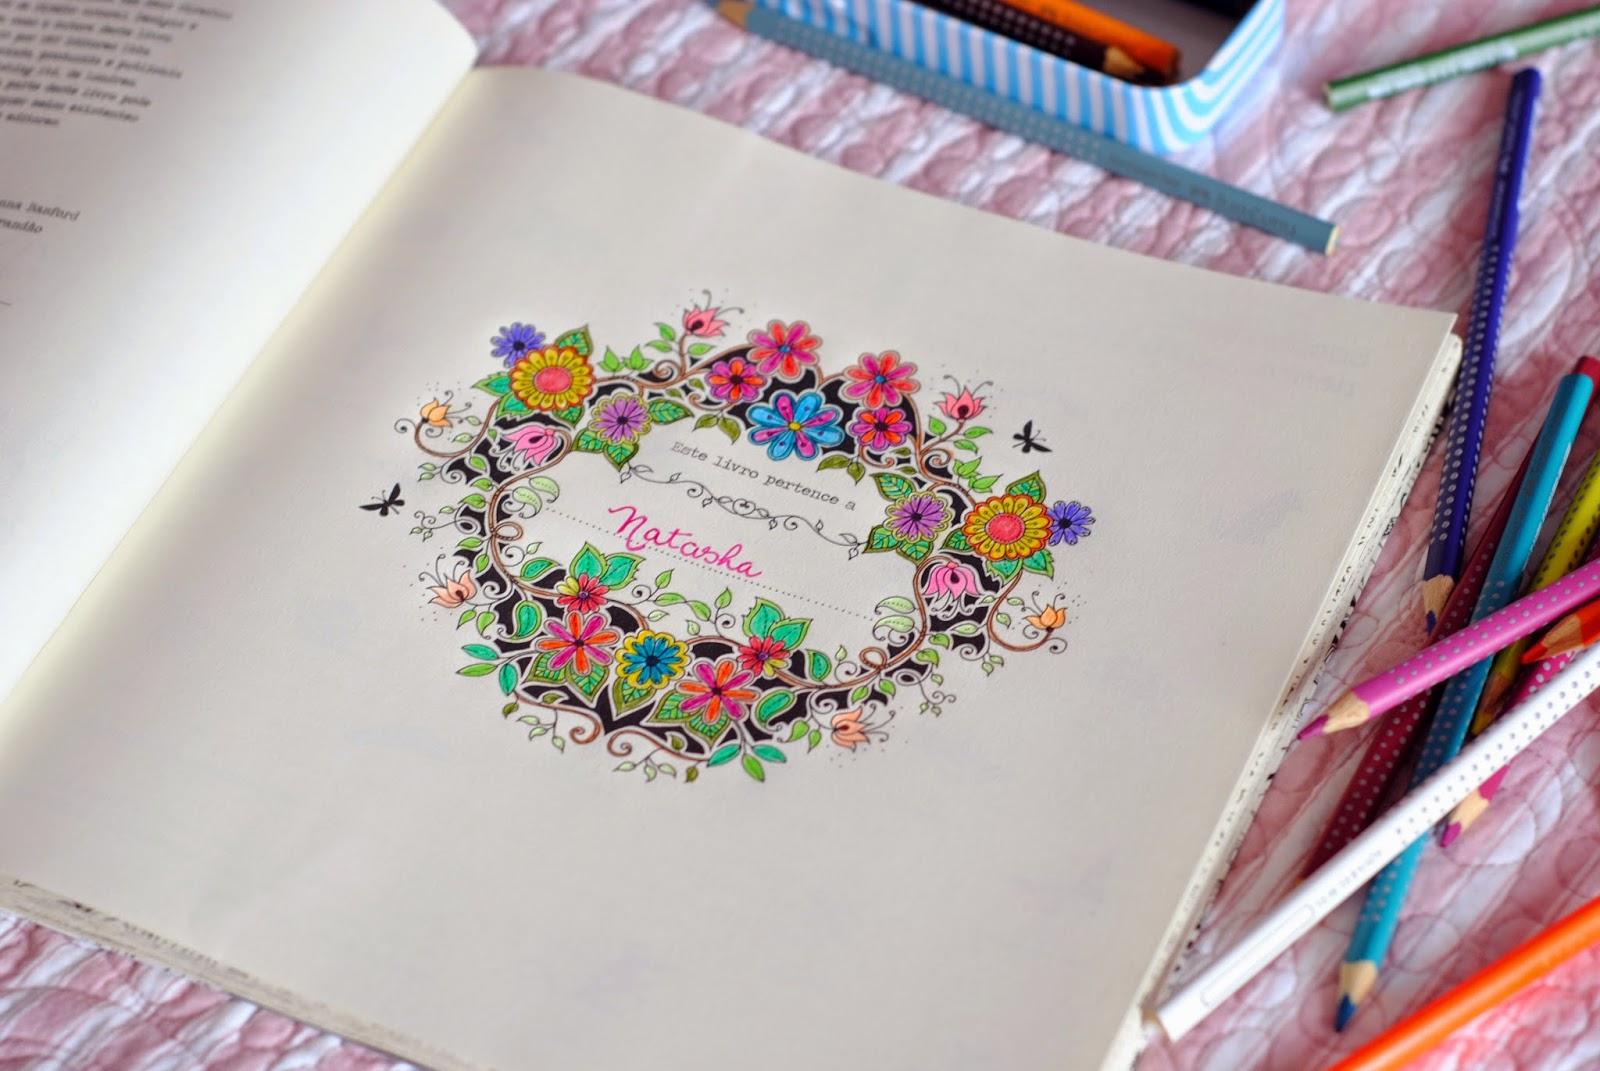 fotos do livro jardim secreto : fotos do livro jardim secreto:Jardim Secreto Nosso Livro Antiestresse